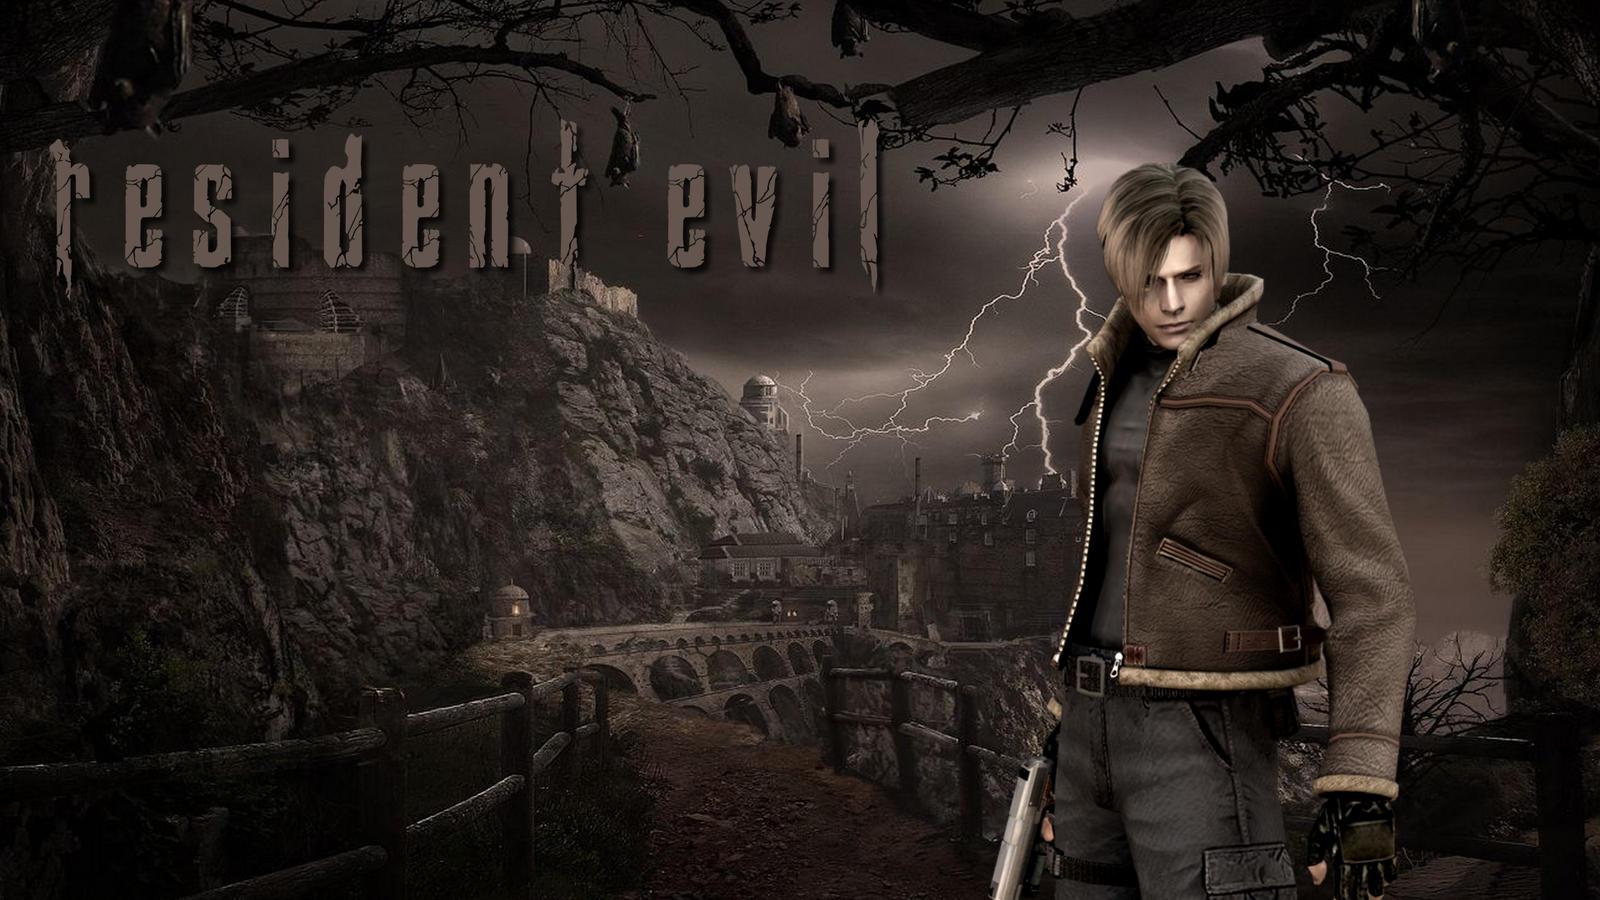 Resident Evil 4 Wallpaper By Utopya6 On Deviantart